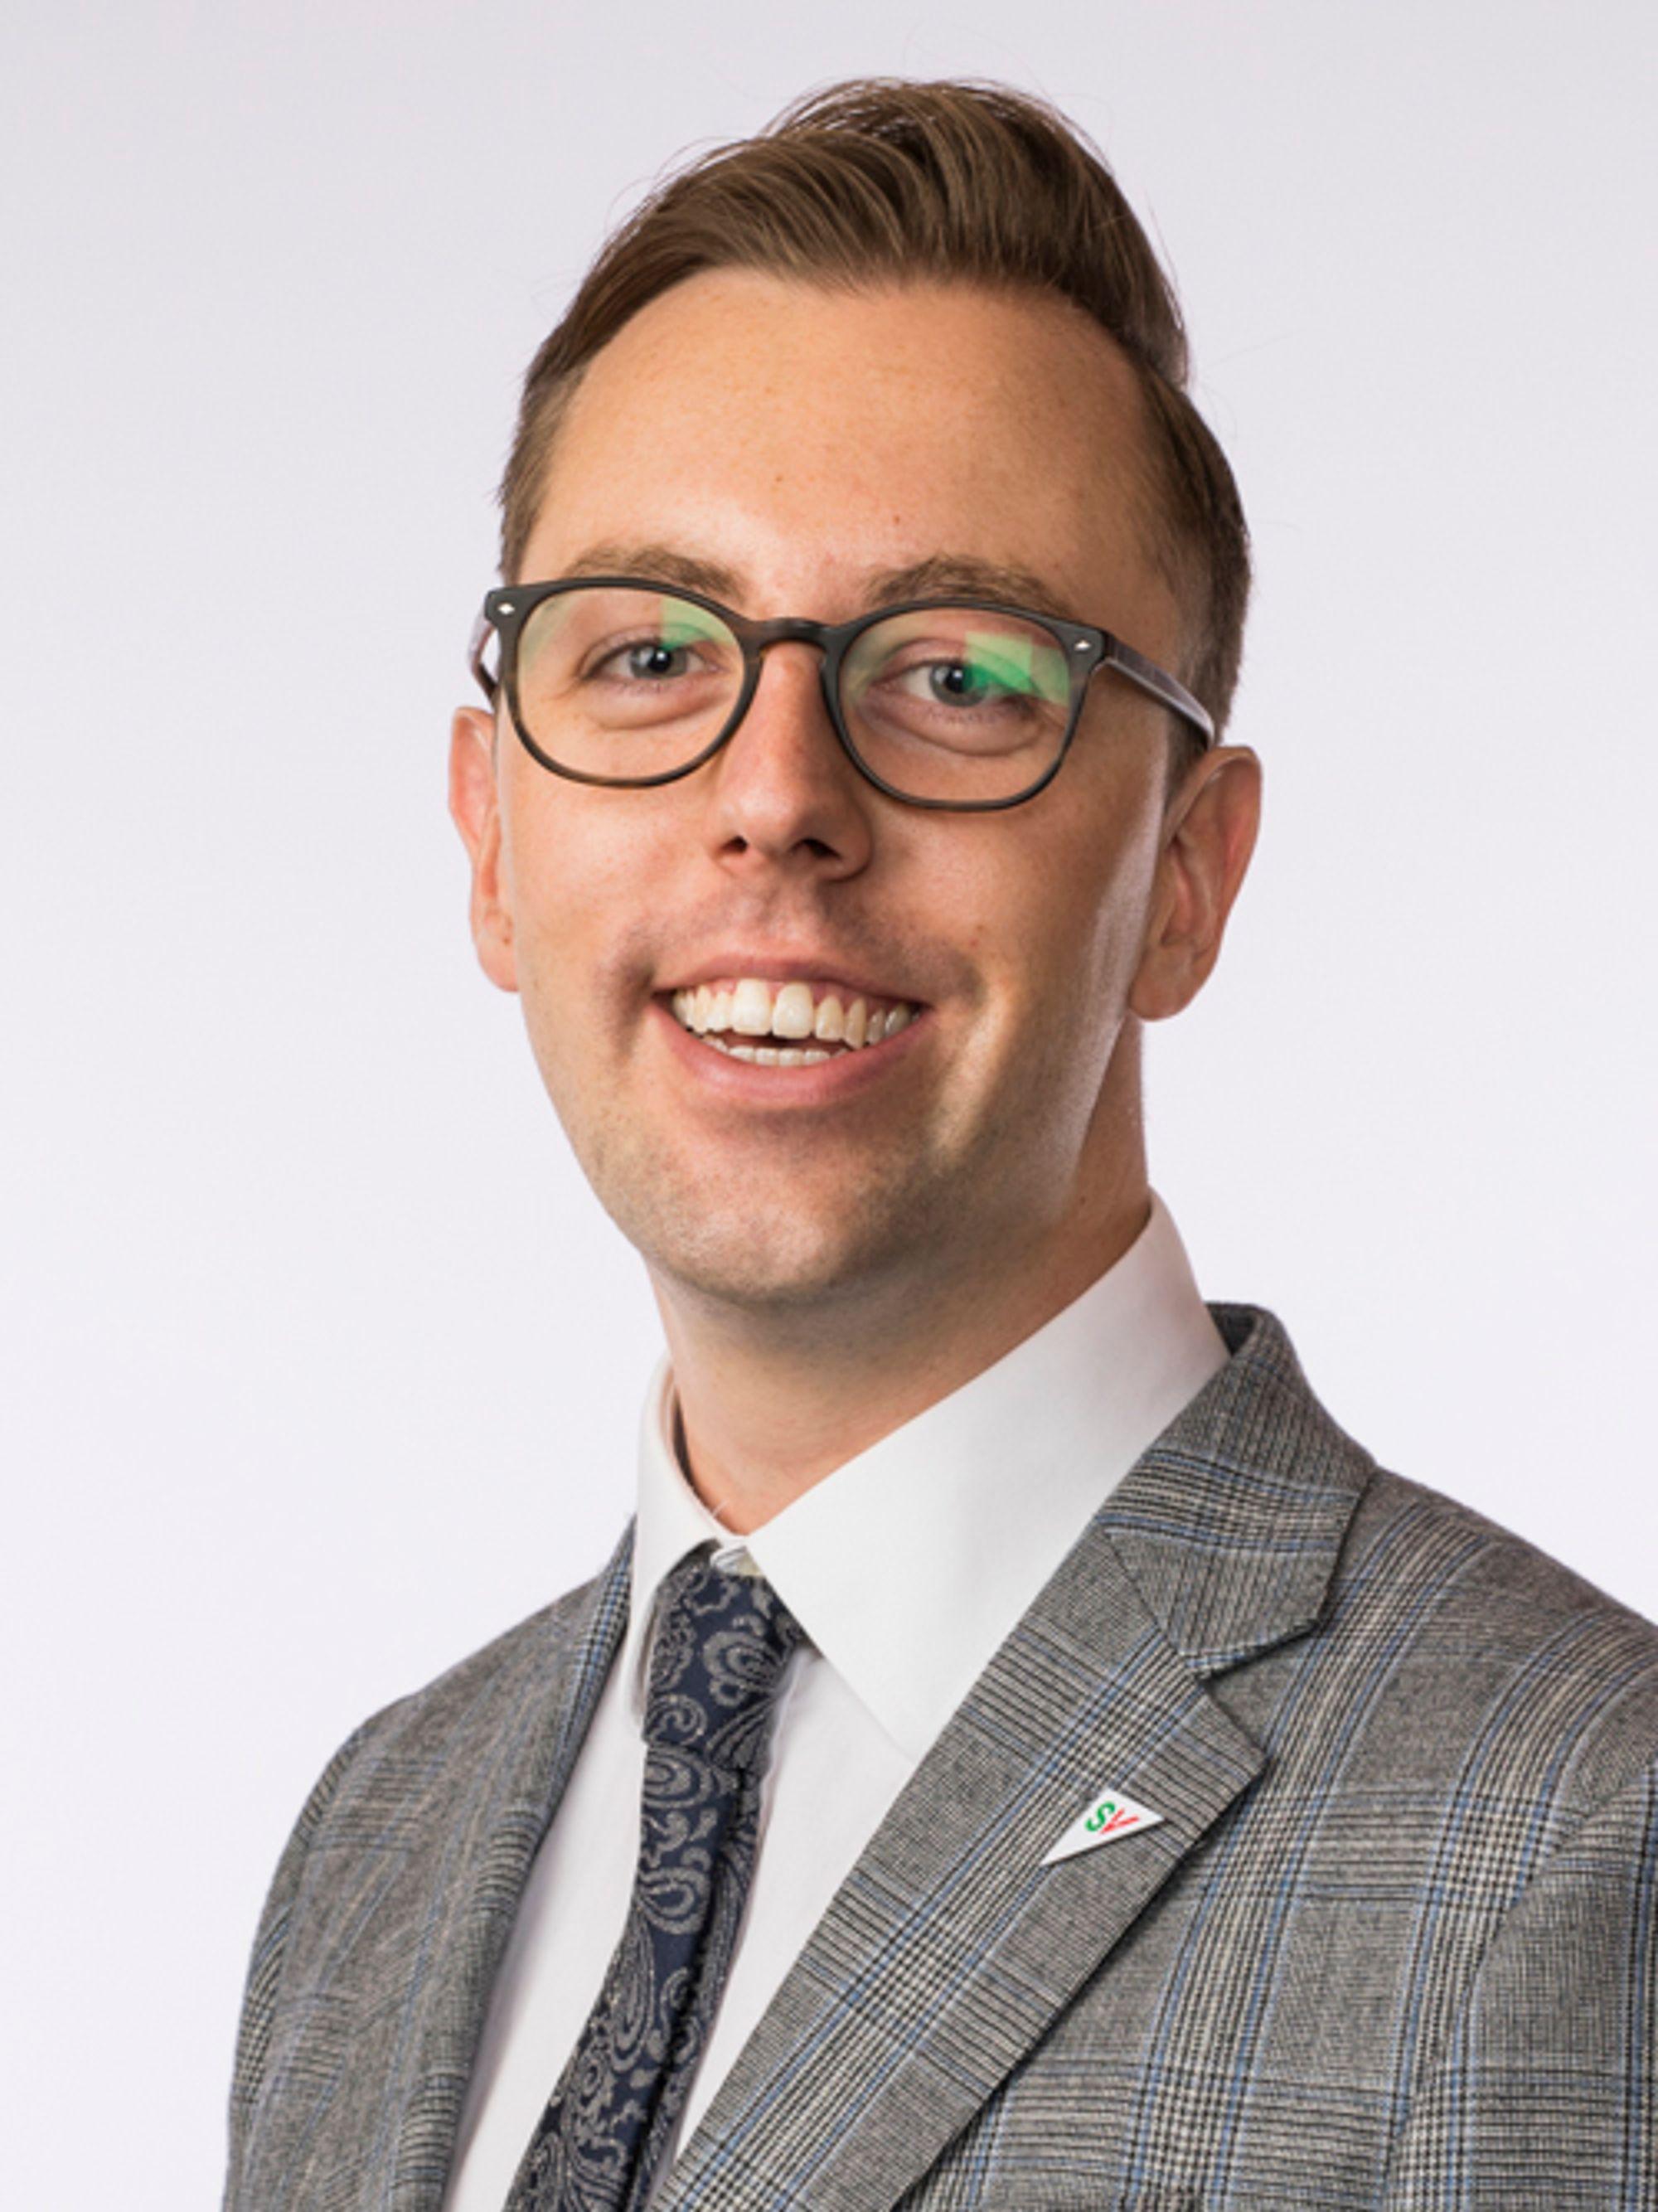 KREVER SVAR: Stortingsrepresentant Nicholas Wilkinson (SV) fra Oppegård krever svar og gjennomgang rundt byggingen av politiets nye beredsskapssenter på Taraldrud.